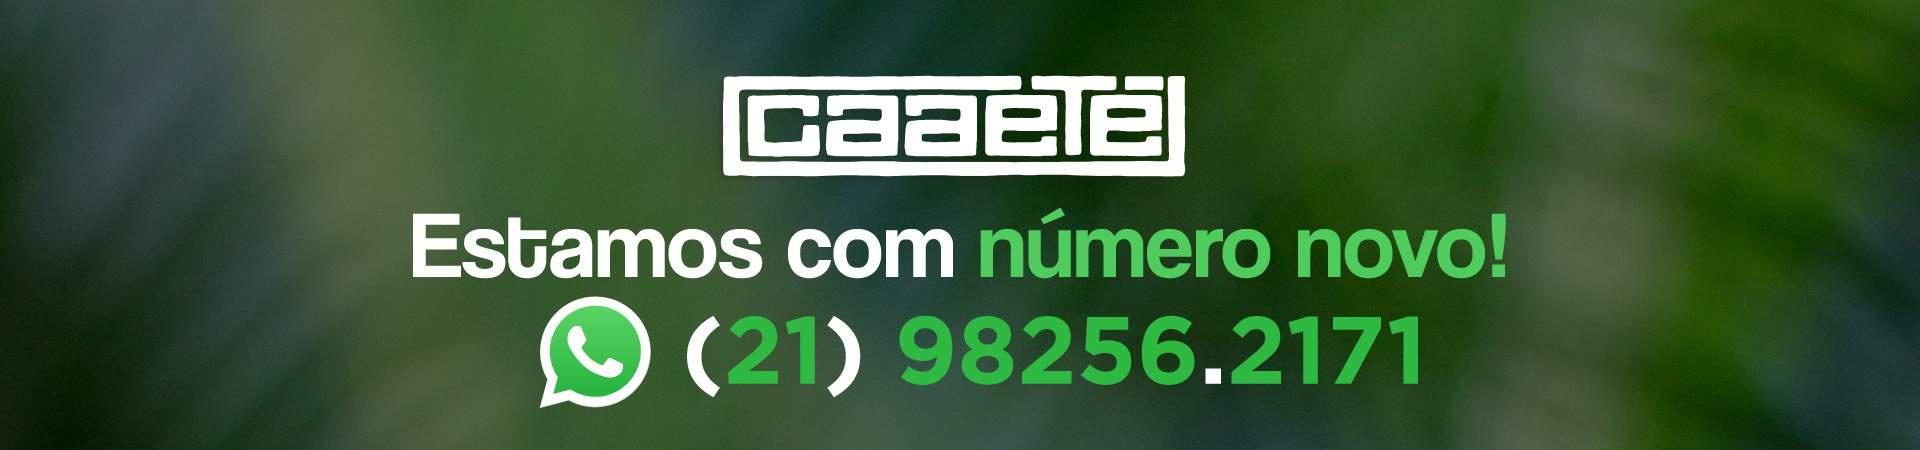 Estamos com número novo: 021 98256 2171